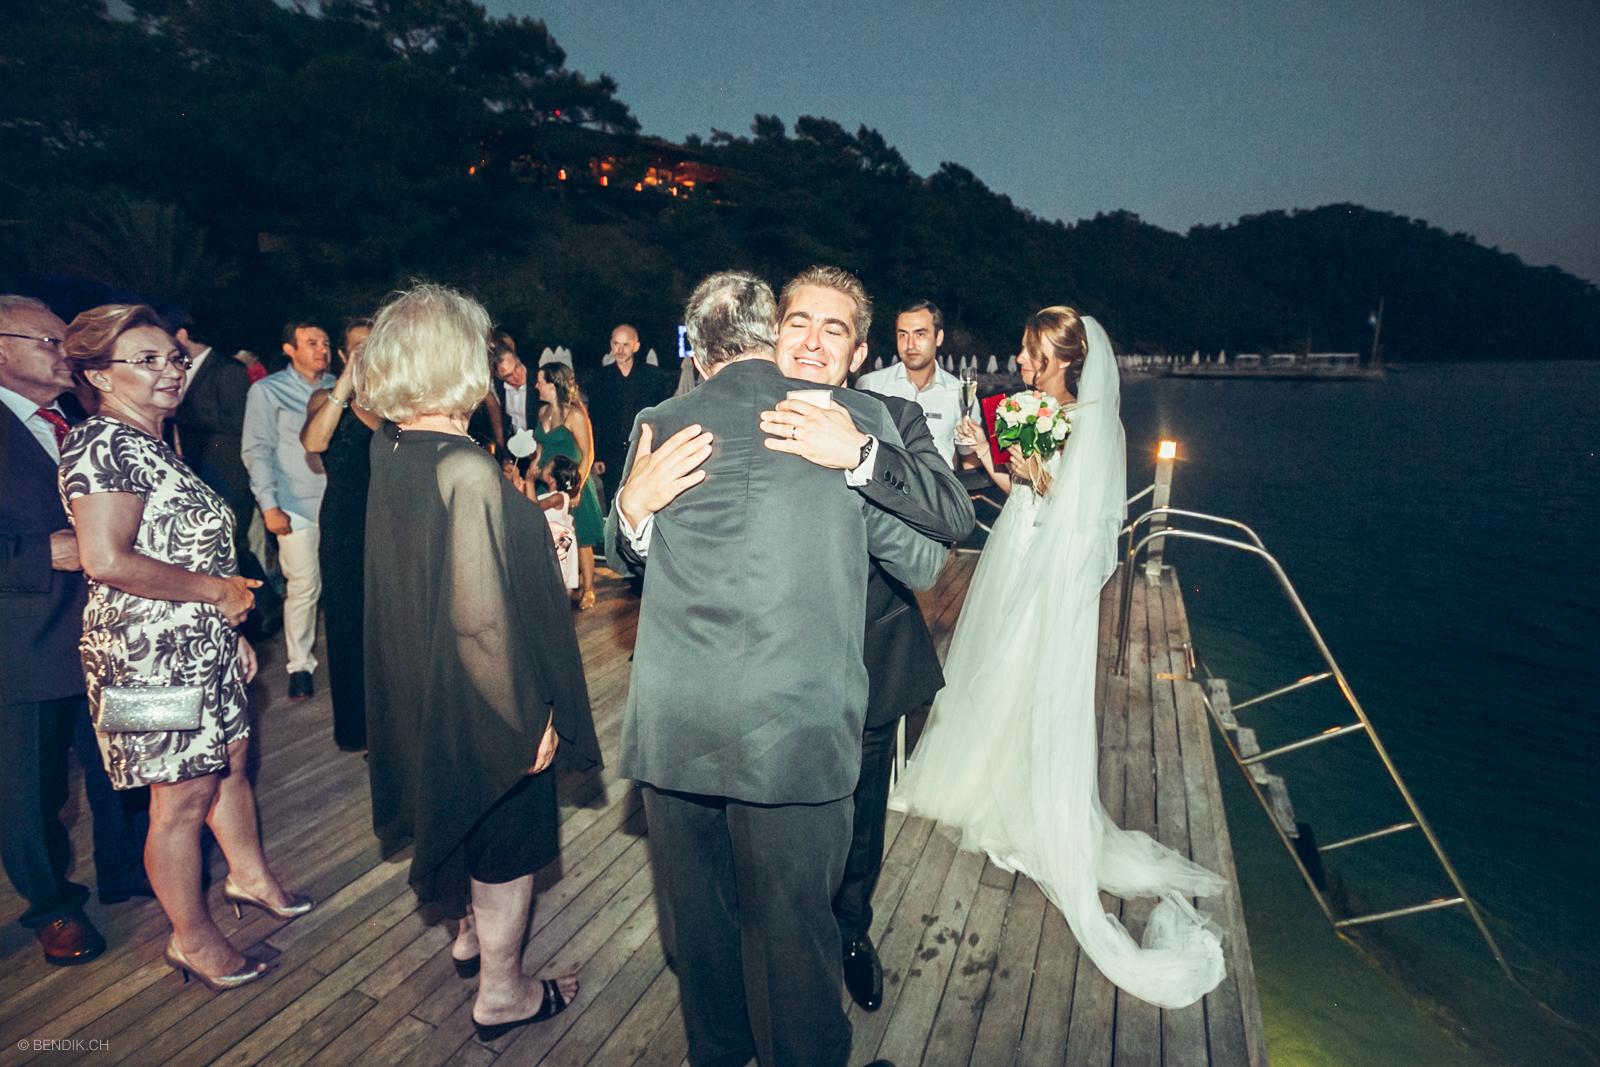 wedding_photoshoot_pinar_tolga20150912_068